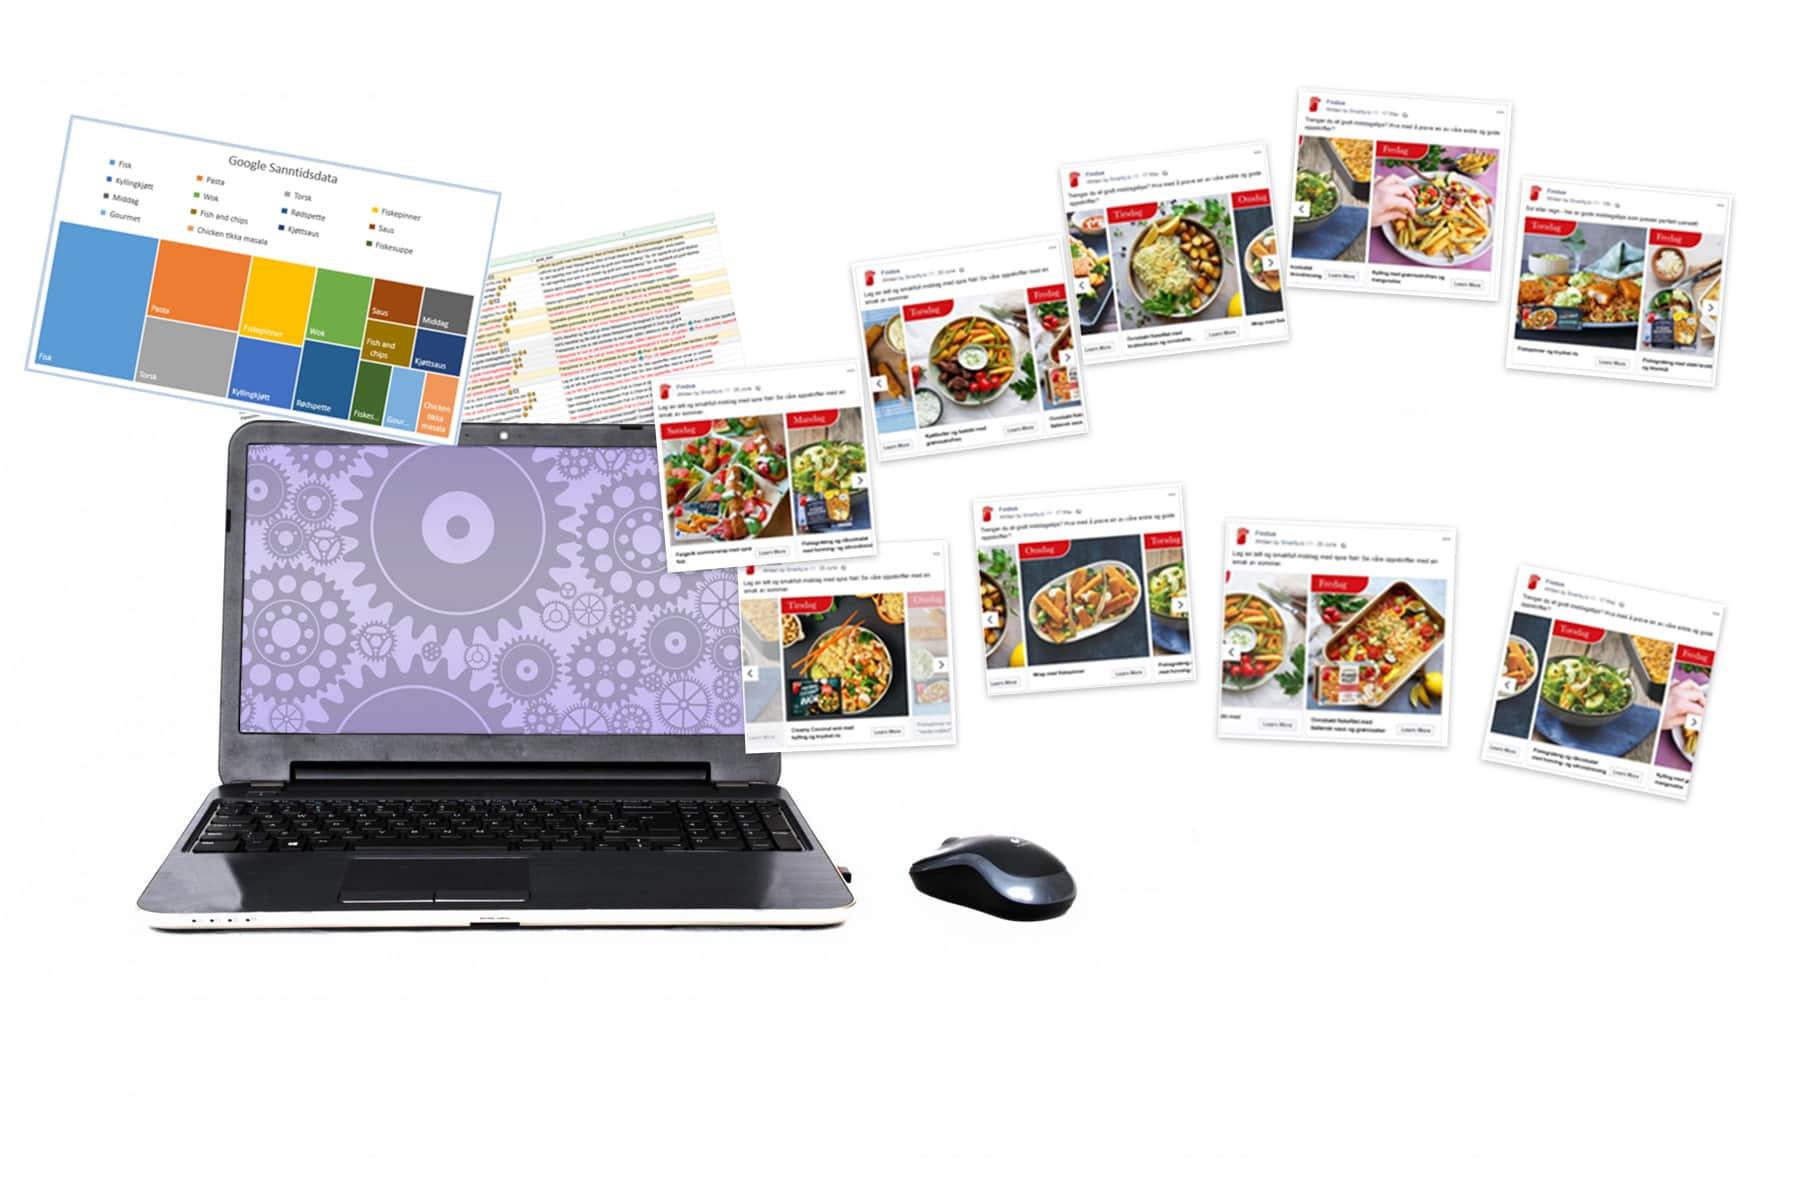 Sammensatt bilde av data inn i laptop, maskineri går rundt, strømmer av bannere med middagsoppskrifter kommer ut. Gull-vinner case Performance Innovation 2020